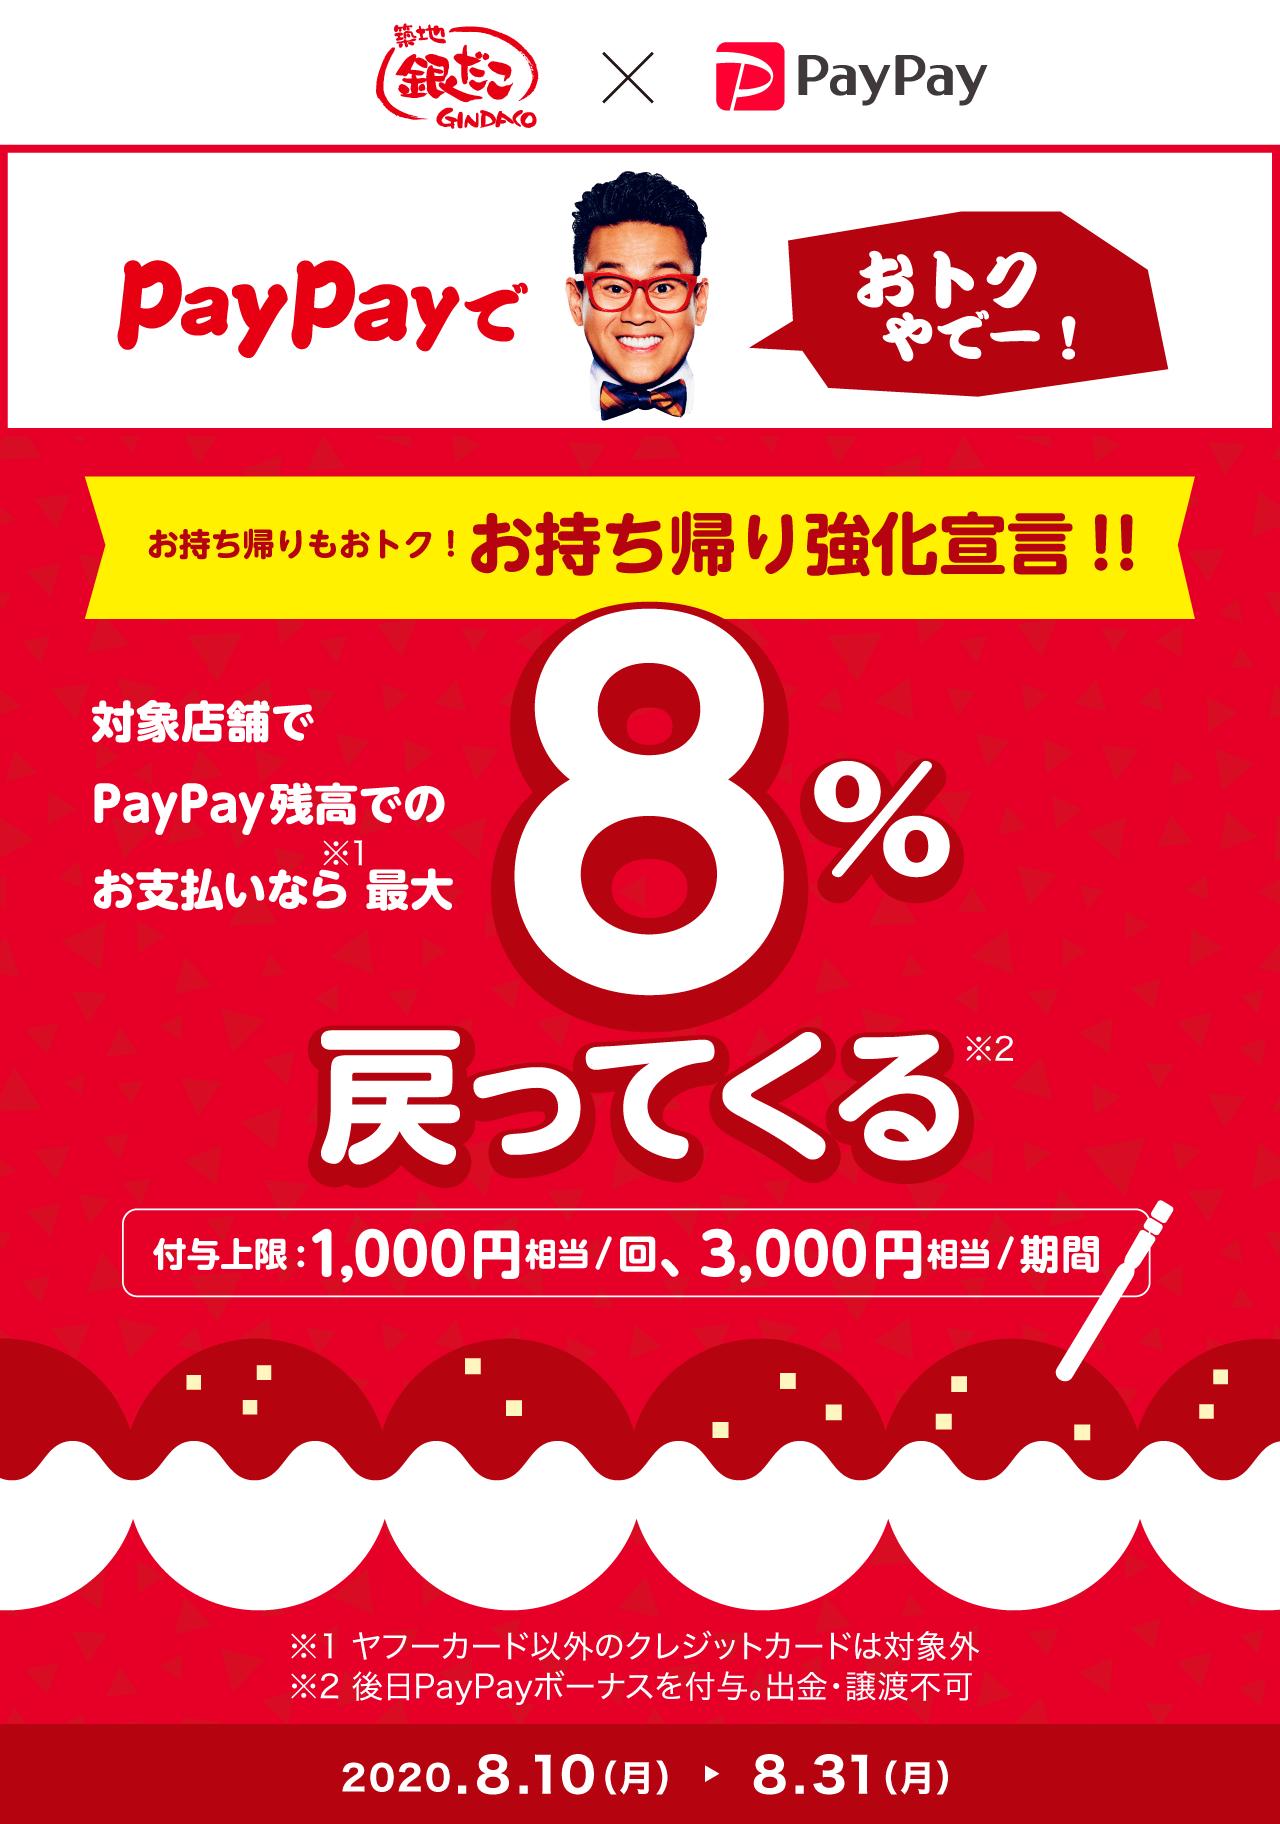 お持ち帰り強化宣言!! 対象店舗でPayPay残高でのお支払いなら最大8%戻ってくる